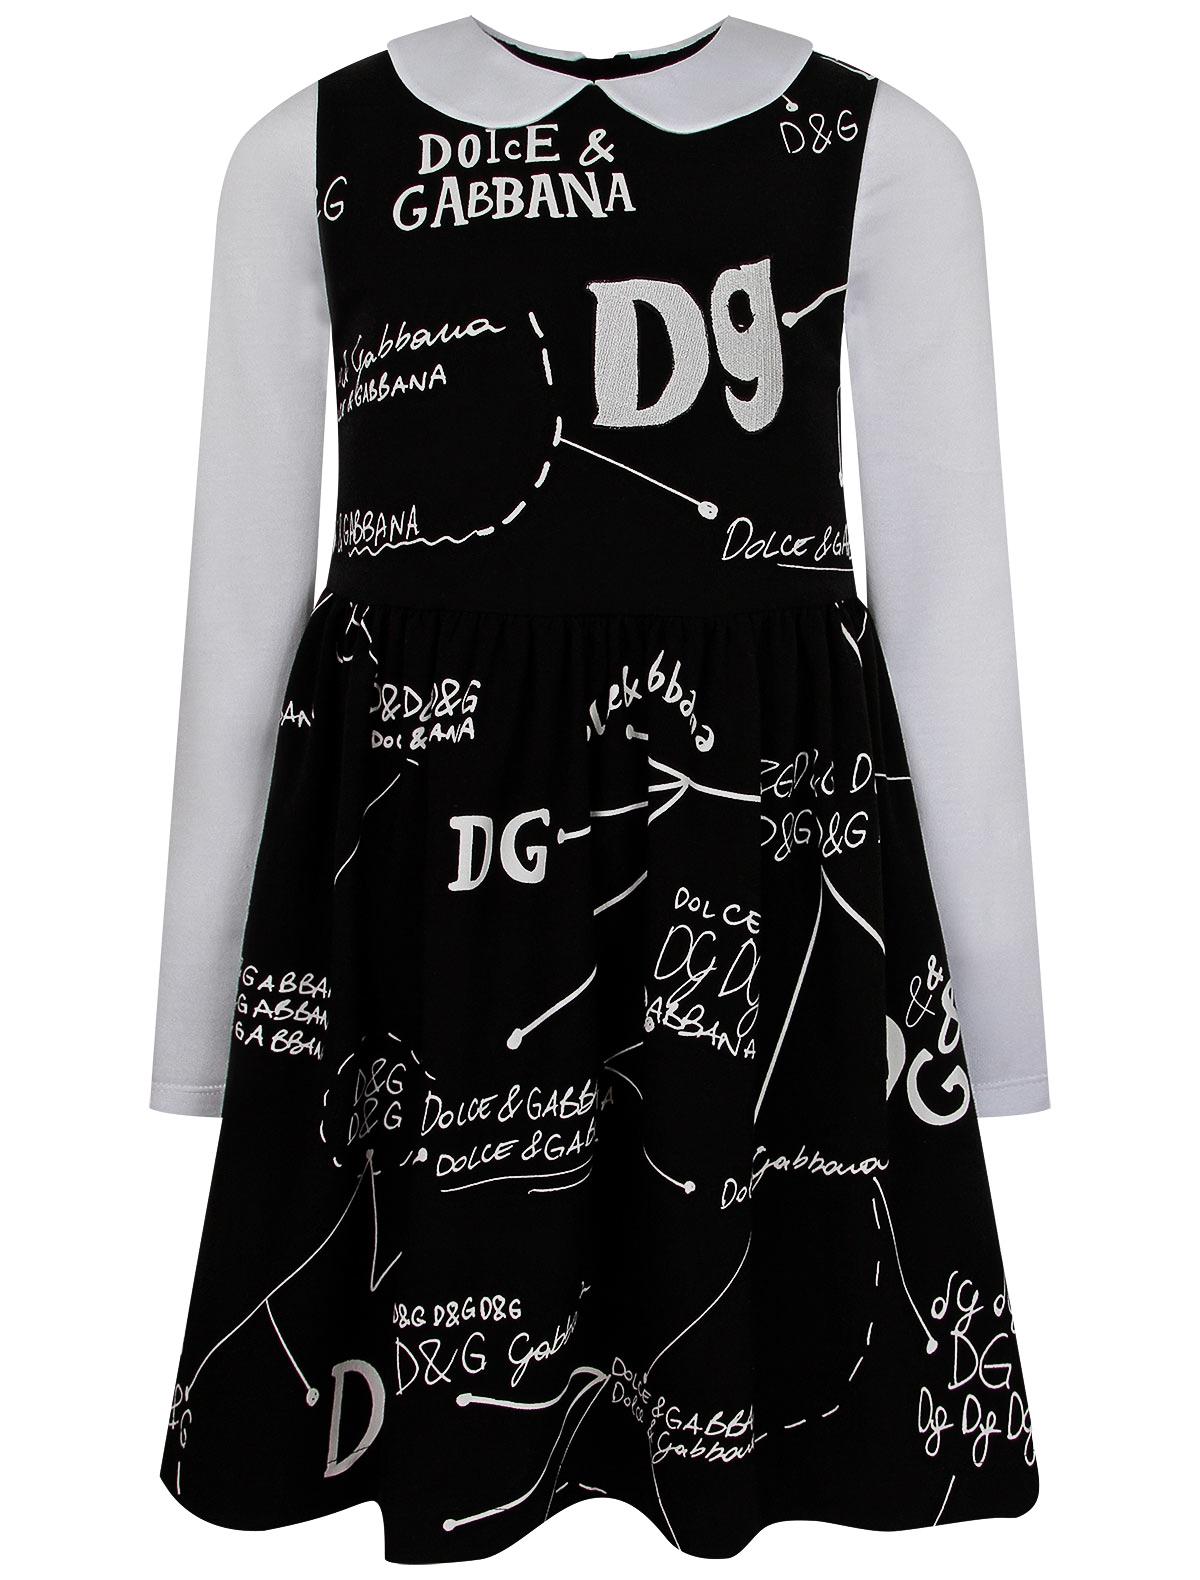 2246427, Платье Dolce & Gabbana, черный, Женский, 1054609082706  - купить со скидкой